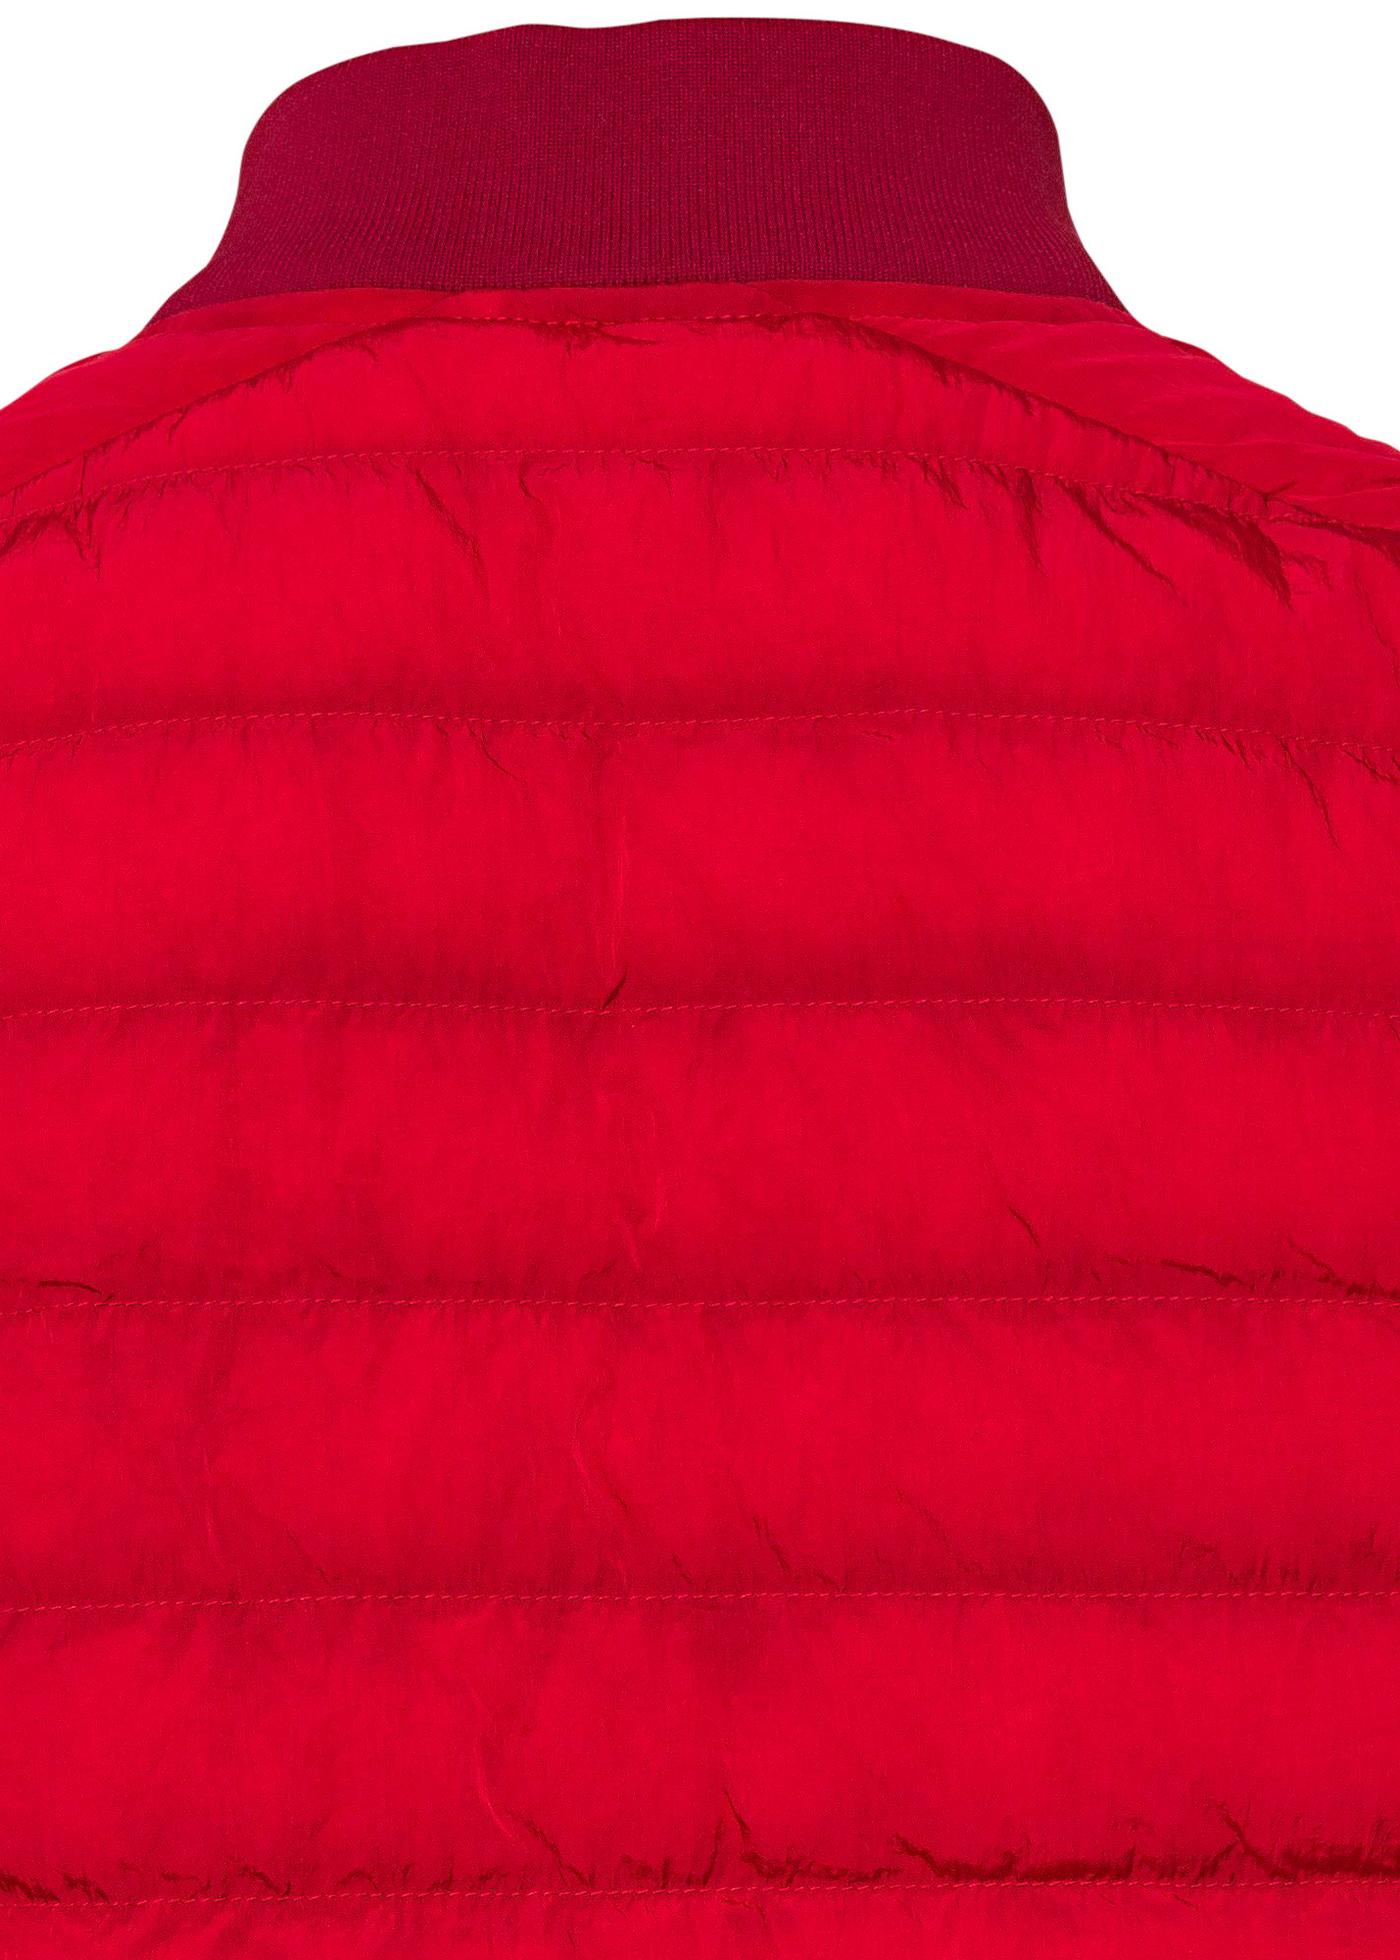 Jacket image number 3